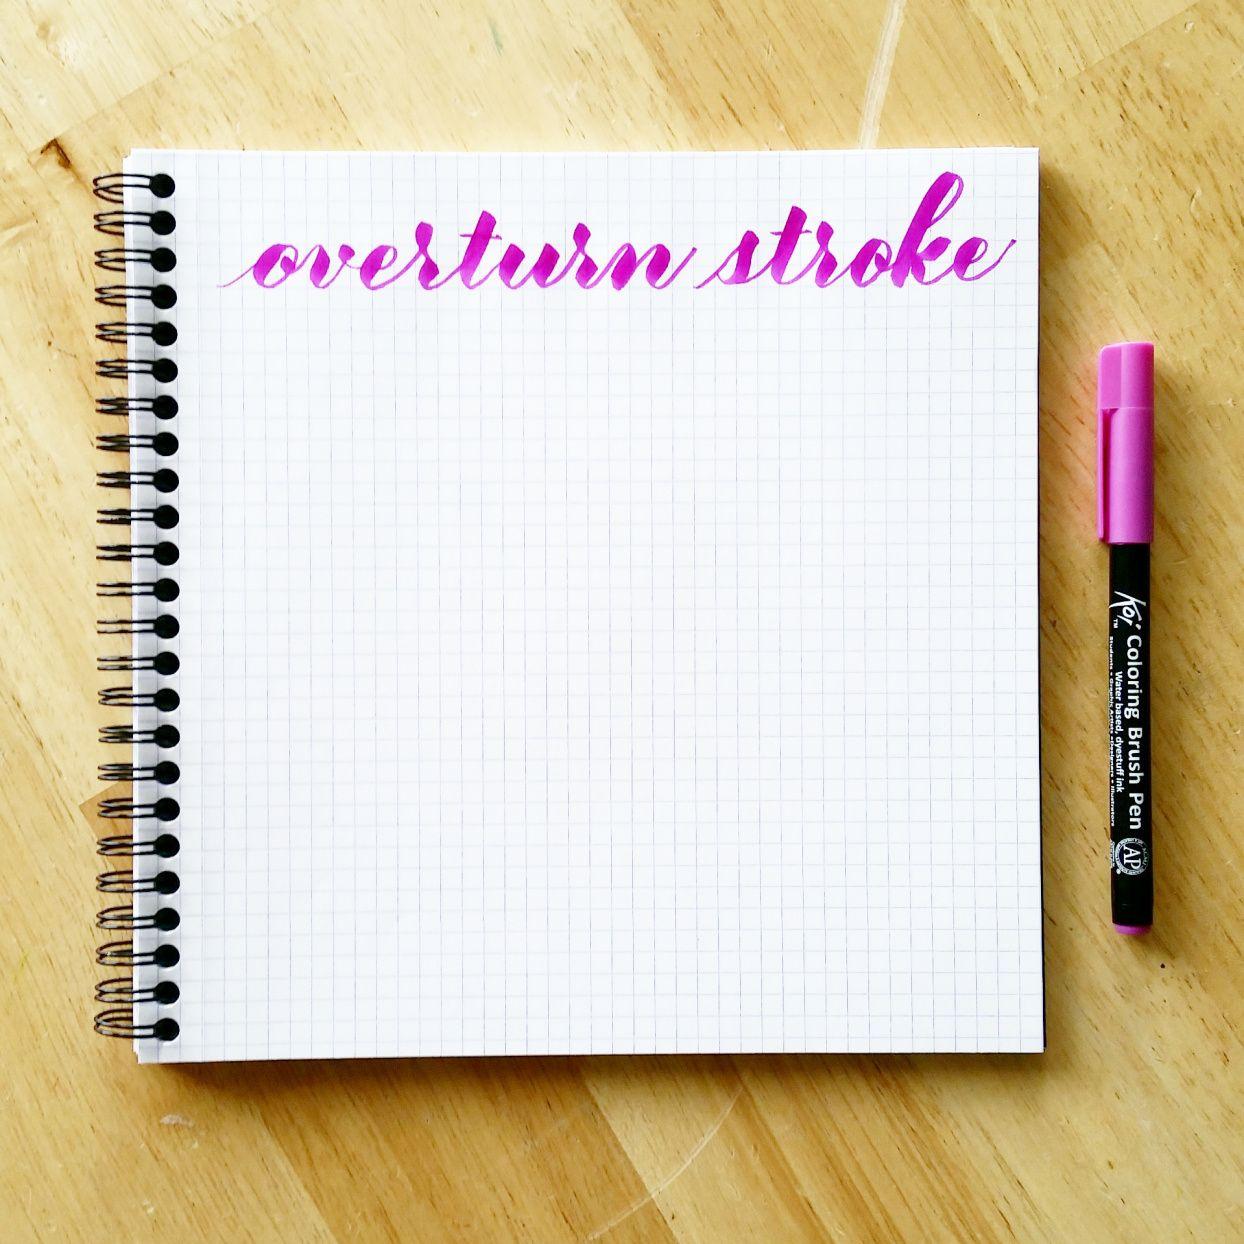 Basic Brush Calligraphy Strokes The Overturn Stroke